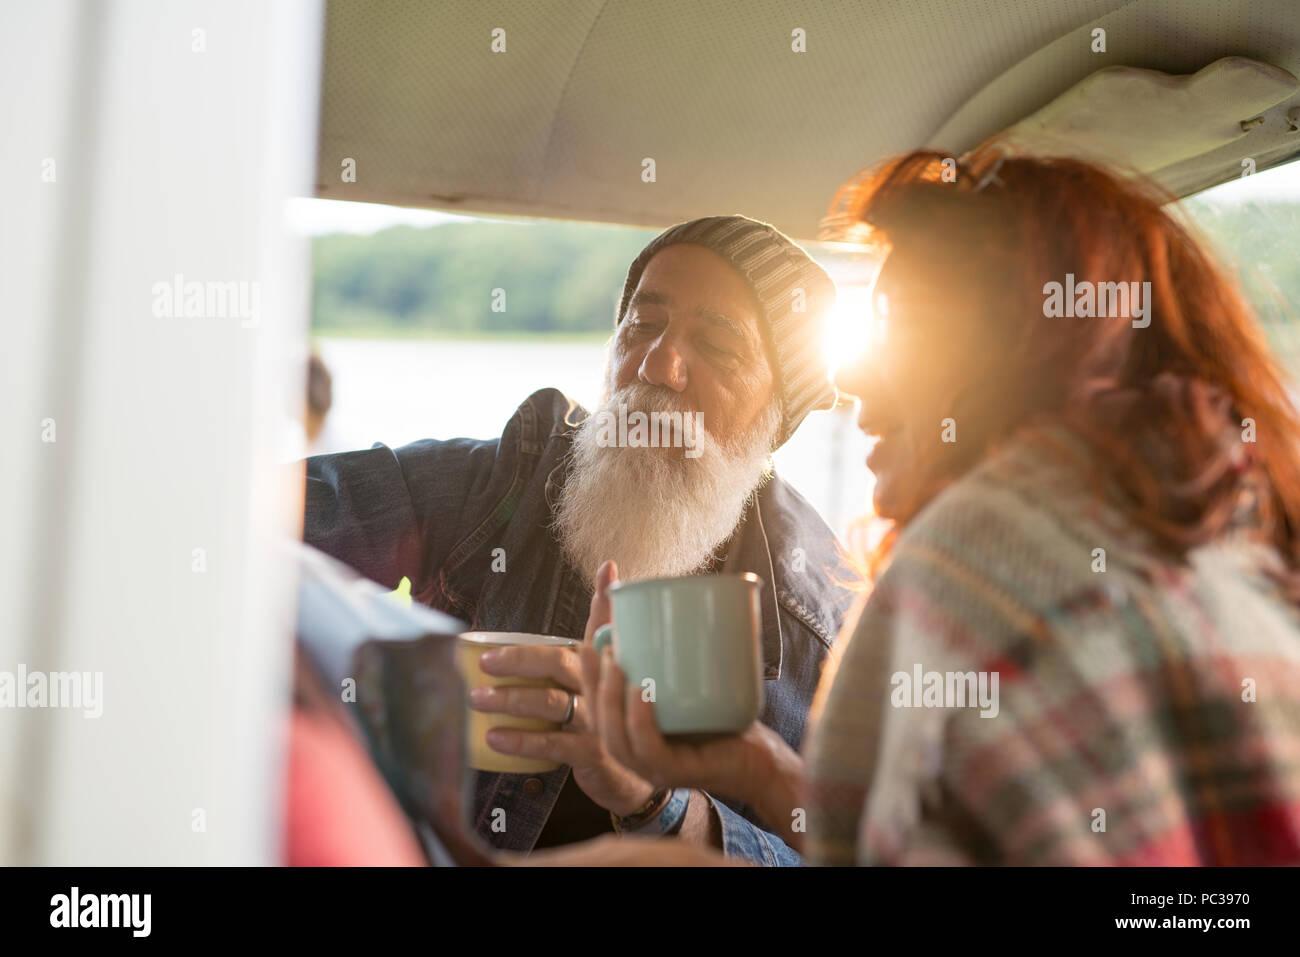 Old hipster giovane seduto in un auto e guardando una mappa stradale Foto Stock